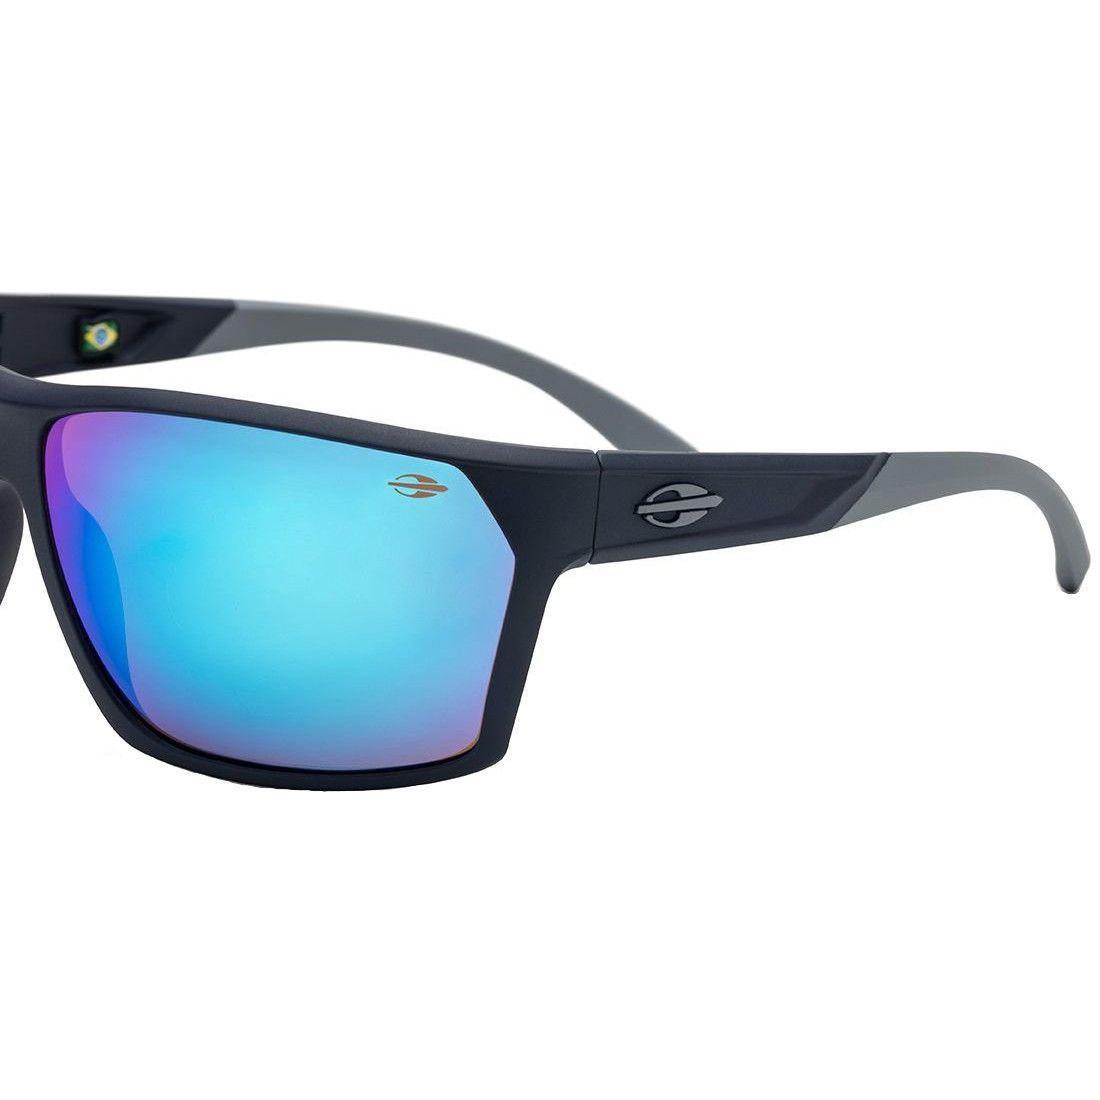 84879acebcb1e Óculos de Sol Mormaii Storm Curvado Masculino M0079K3397 - Acetato Azul e Lente  Azul Espelhada R  320,00 à vista. Adicionar à sacola